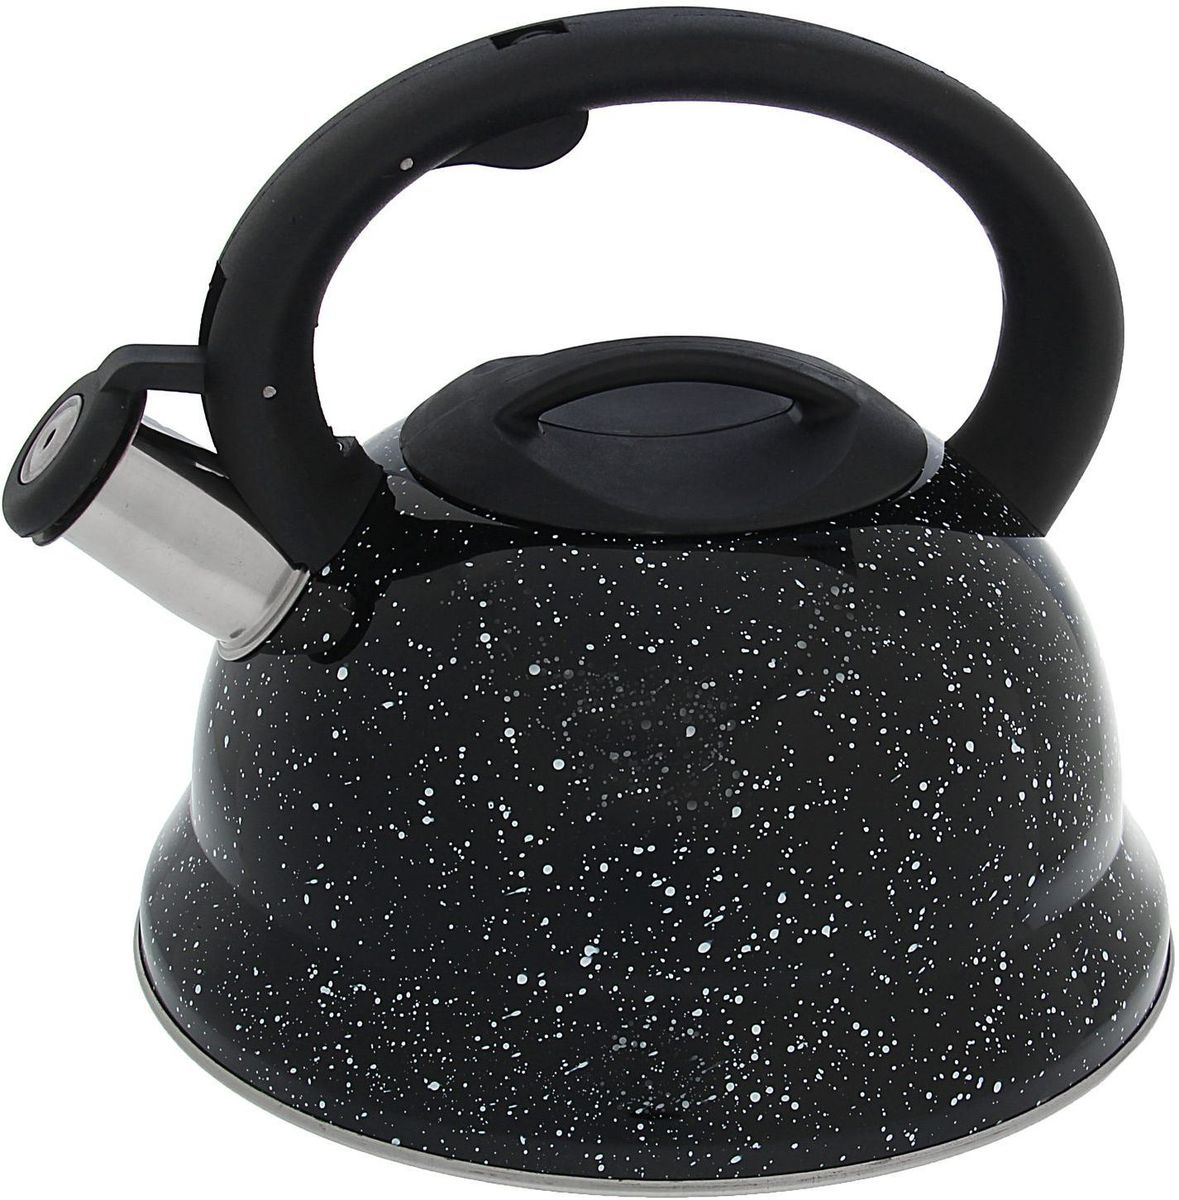 Чайник Доляна Рио, со свистком, цвет: черный, 2,8 л115510Бытовая посуда из нержавеющей стали славится неприхотливостью в уходе и безукоризненной функциональностью. Коррозиестойкий сплав обеспечивает гигиеничность изделий. Чайники из этого материала абсолютно безопасны для здоровья человека.Чем привлекательна посуда из нержавейки?Чайник из нержавеющей стали станет удачной находкой для дома или ресторана:благодаря низкой теплопроводности модели вода дольше остается горячей;необычный дизайн радует глаз и поднимает настроение;качественное дно гарантирует быстрый нагрев.Как продлить срок службы?Ухаживать за новым приобретением элементарно просто, но стоит помнить о нескольких нехитрых правилах.Во-первых, не следует применять абразивные инструменты и сильнохлорированные моющие средства.Во-вторых, не оставляйте пустую посуду на плите.В-третьих, если вы уезжаете из дома на длительное время - выливайте воду из чайника.Если на внутренней поверхности изделия появились пятна, используйте для их удаления несколько капель уксусной или лимонной кислоты.